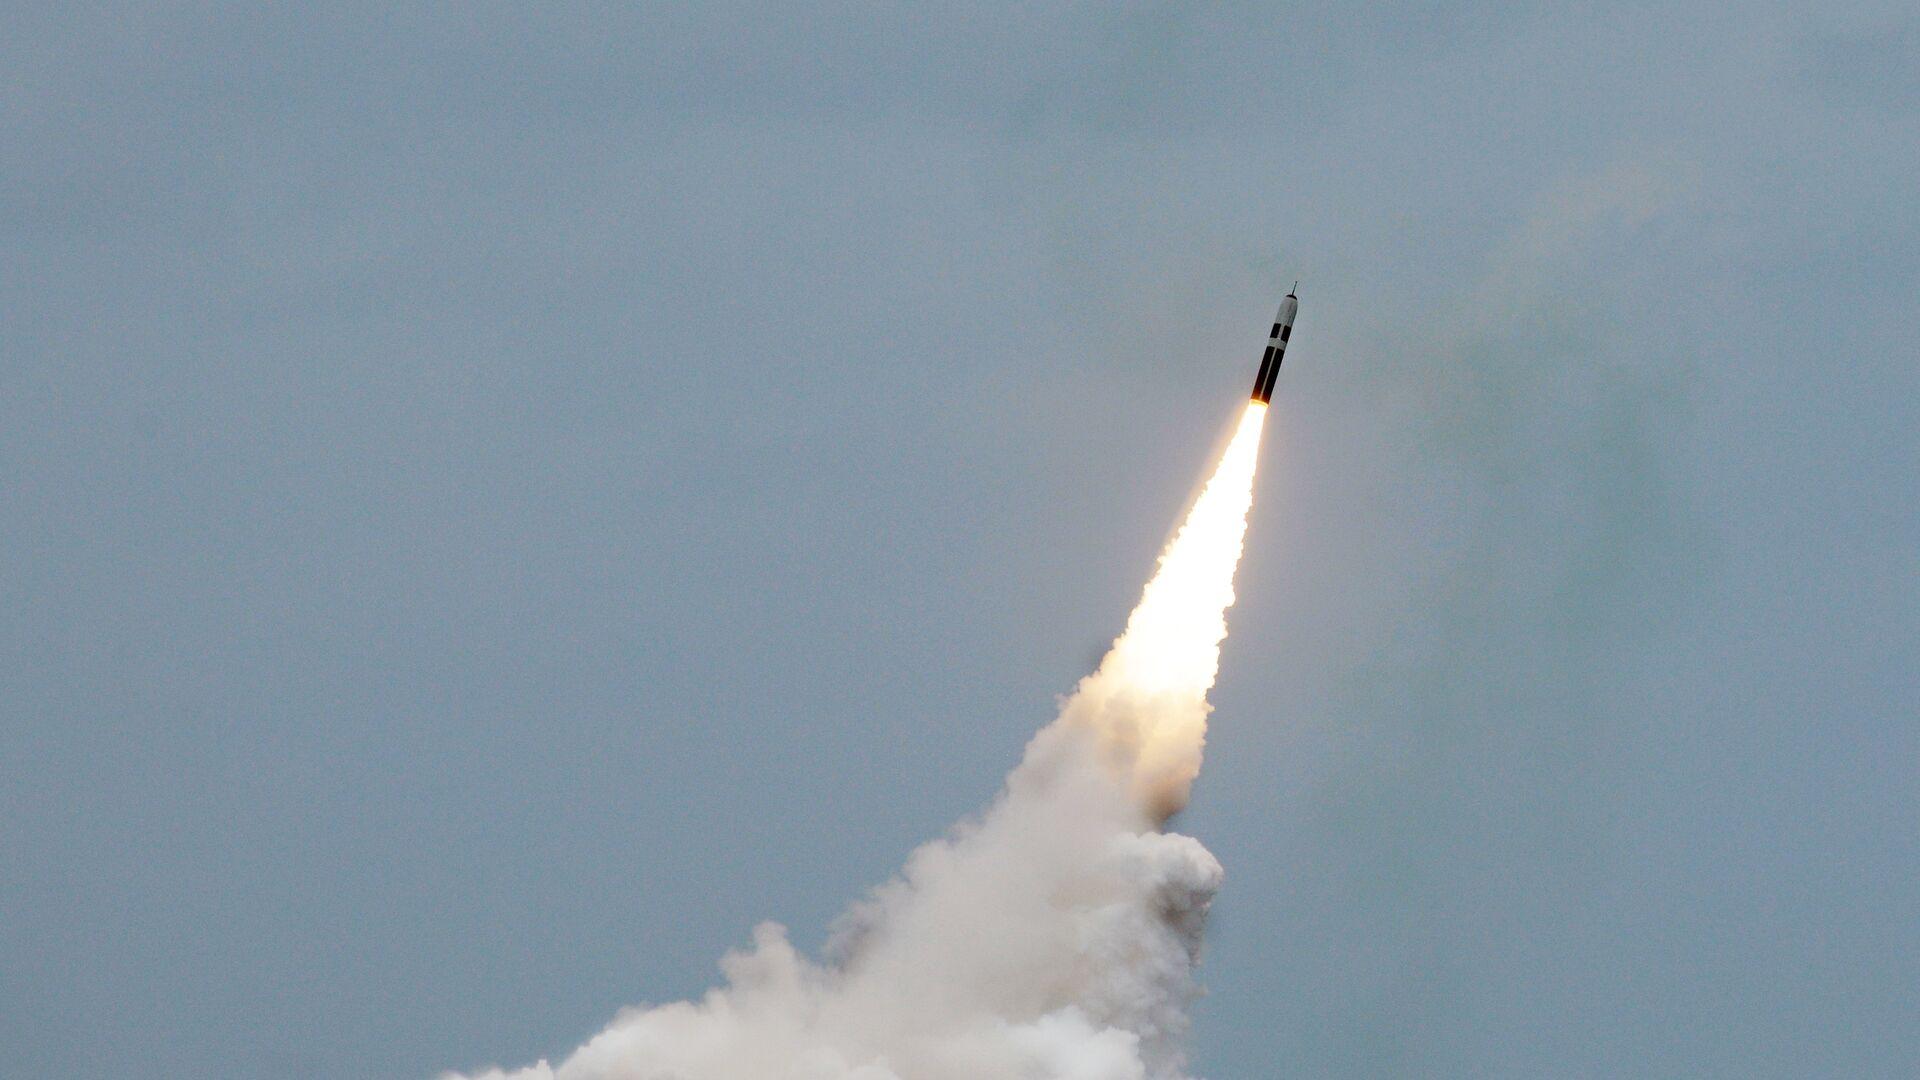 Пуск ракеты подводного базирования Trident II D5  - РИА Новости, 1920, 17.02.2020